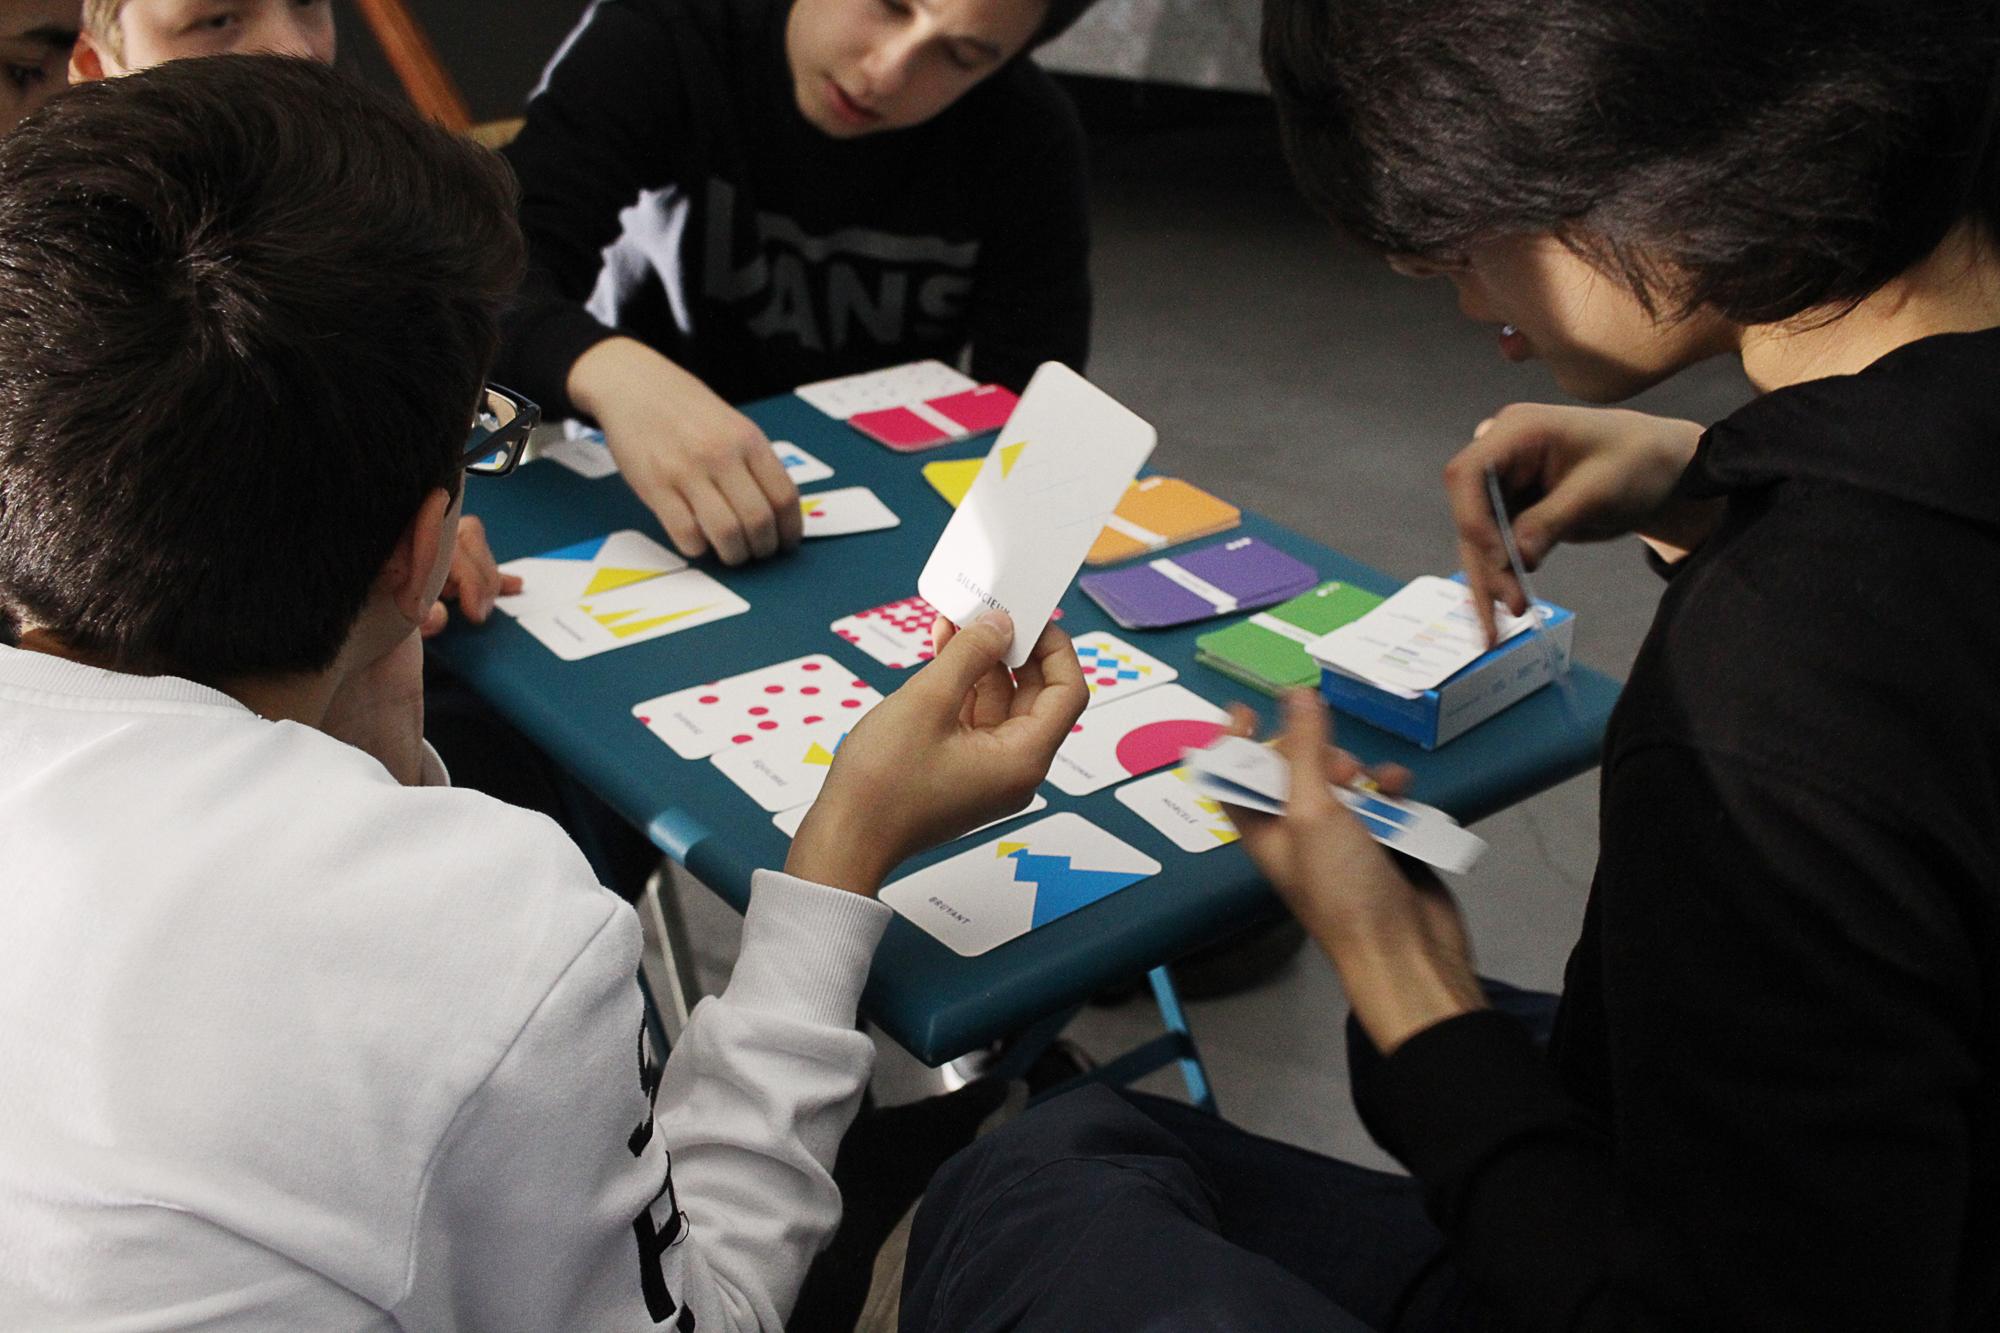 Atelier avec le jeu Les Mots du Clic, collège, avril 2017 © Stimultania